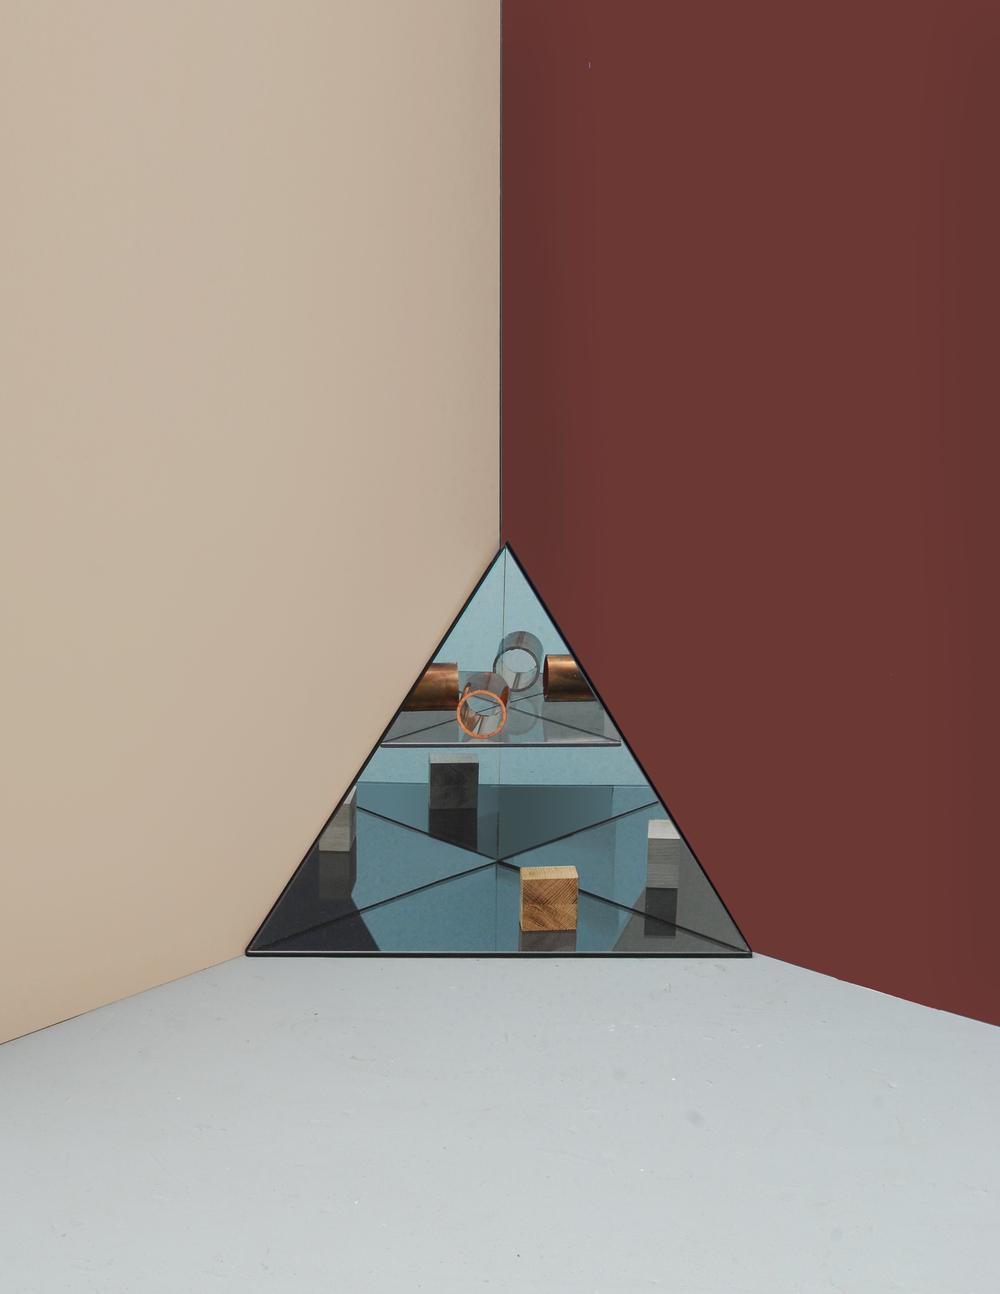 LG Studio_Mirage_Shelf_Triangle.jpg